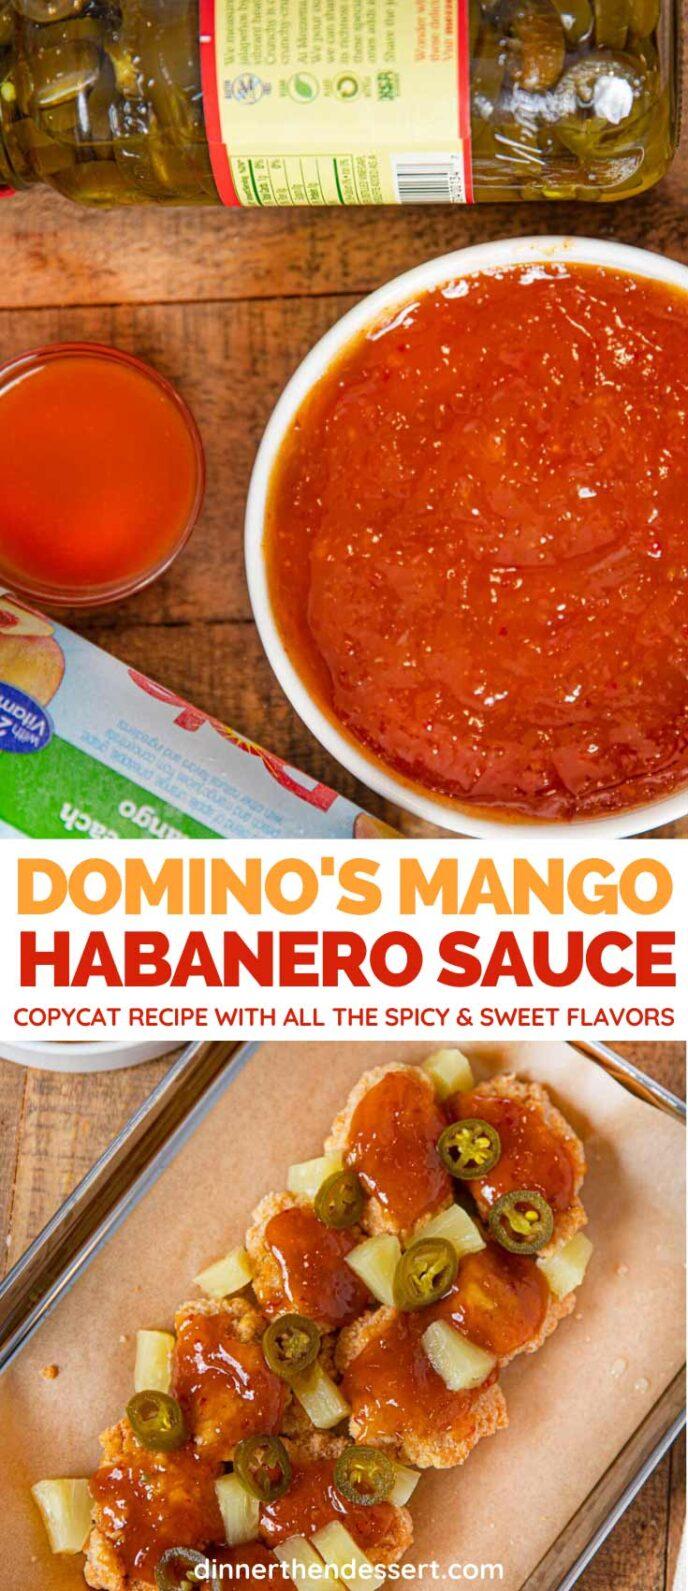 Domino's Mango Habanero Sauce (copycat) collage